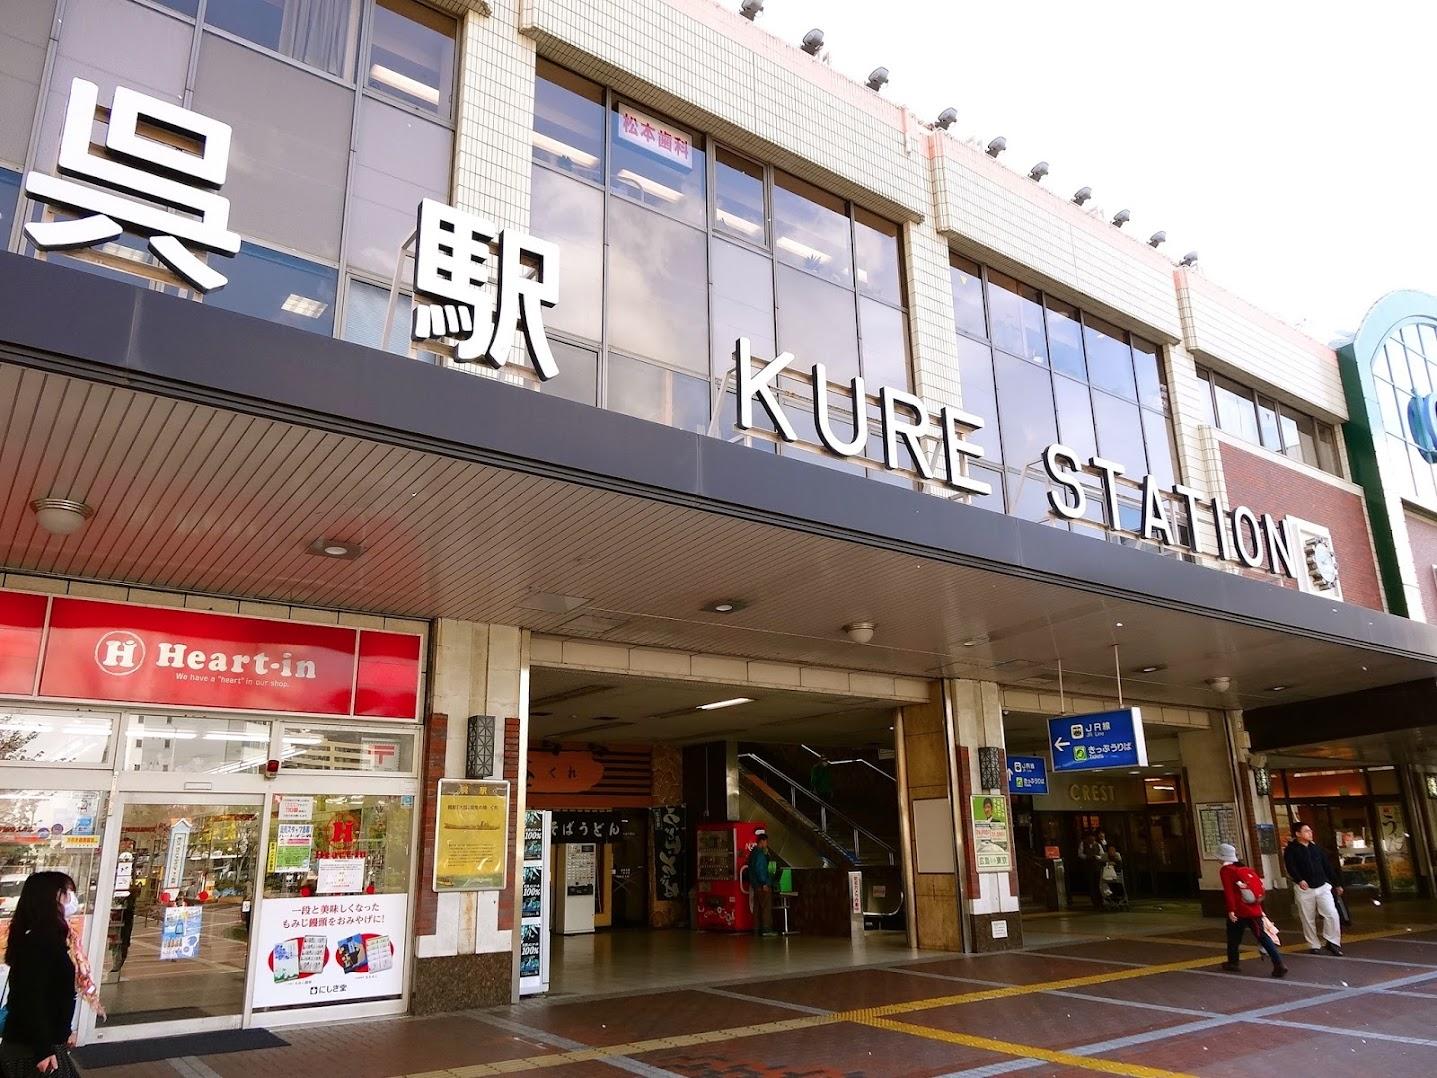 呉駅 : 広島県呉市の写真 - NAVER まとめ